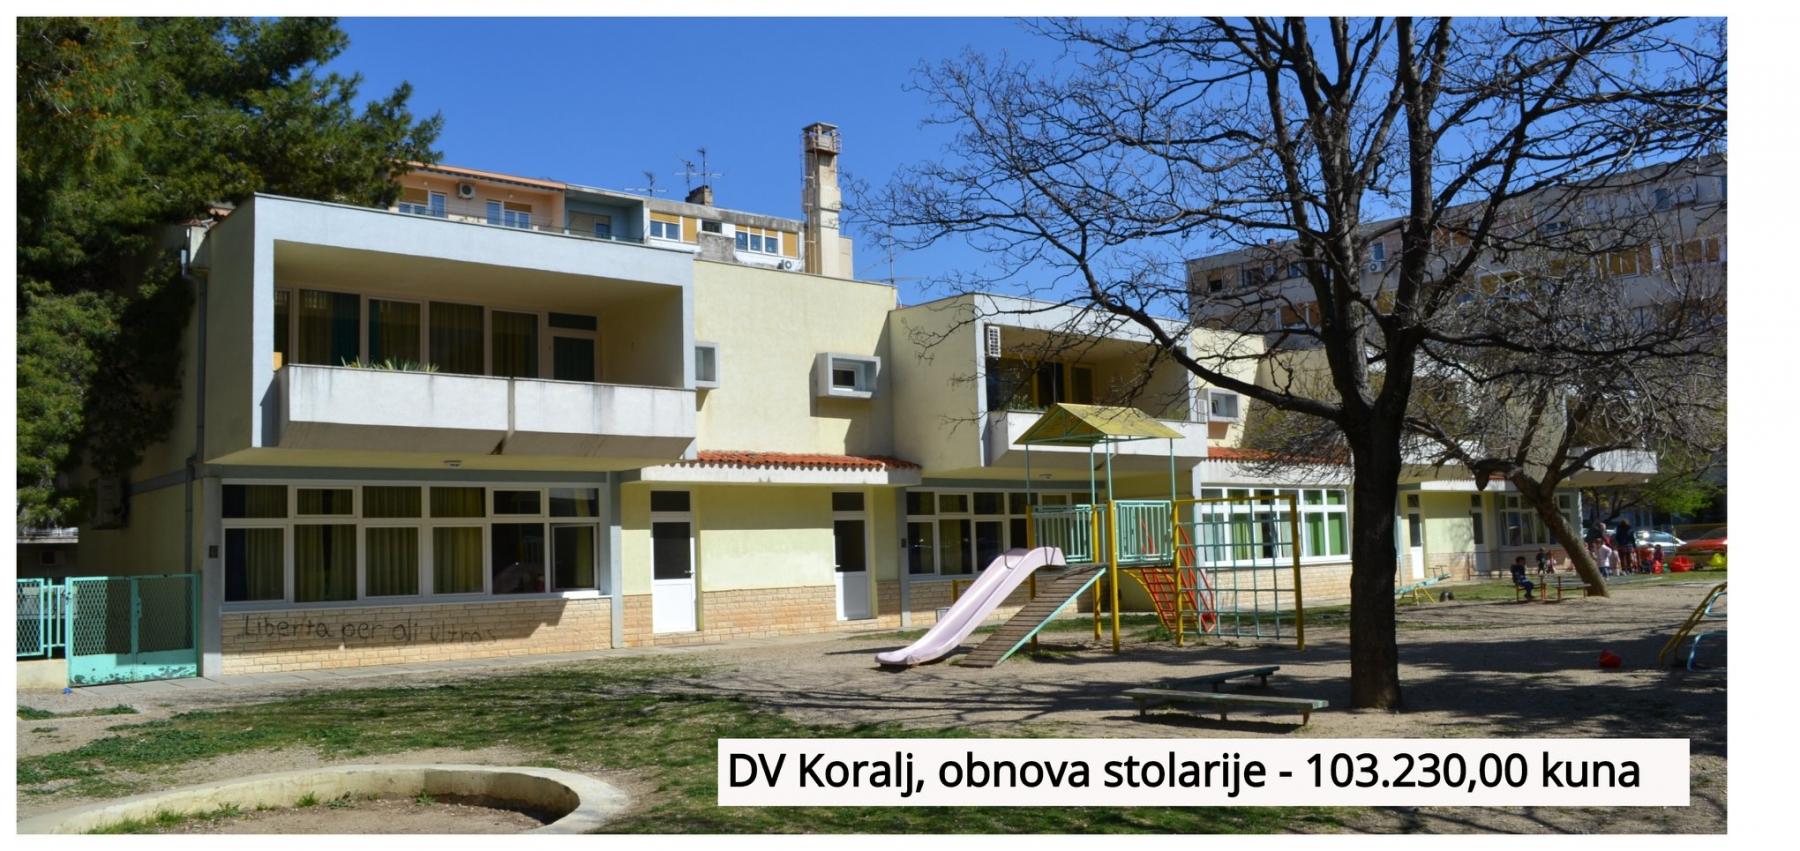 DV Koralj